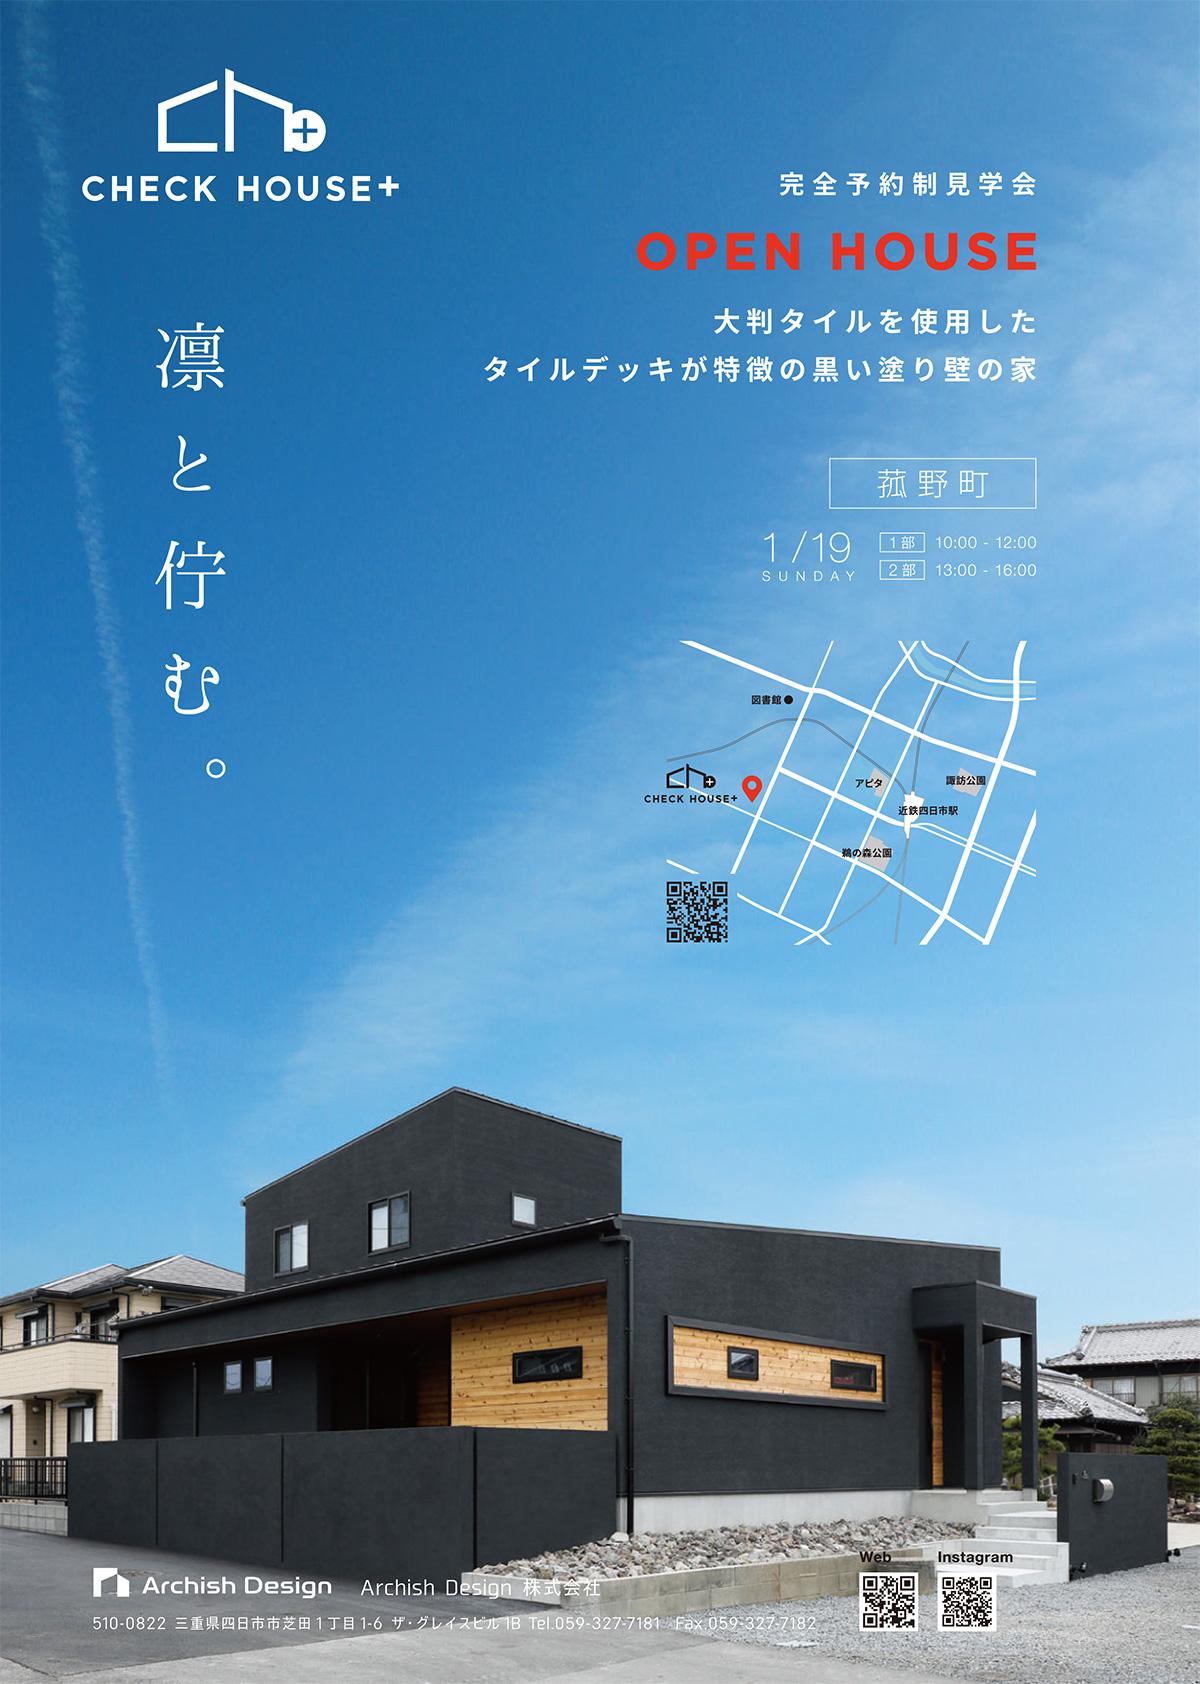 CHECKHOUSE+ 三重県菰野町 OPENHOUSE <1/19>